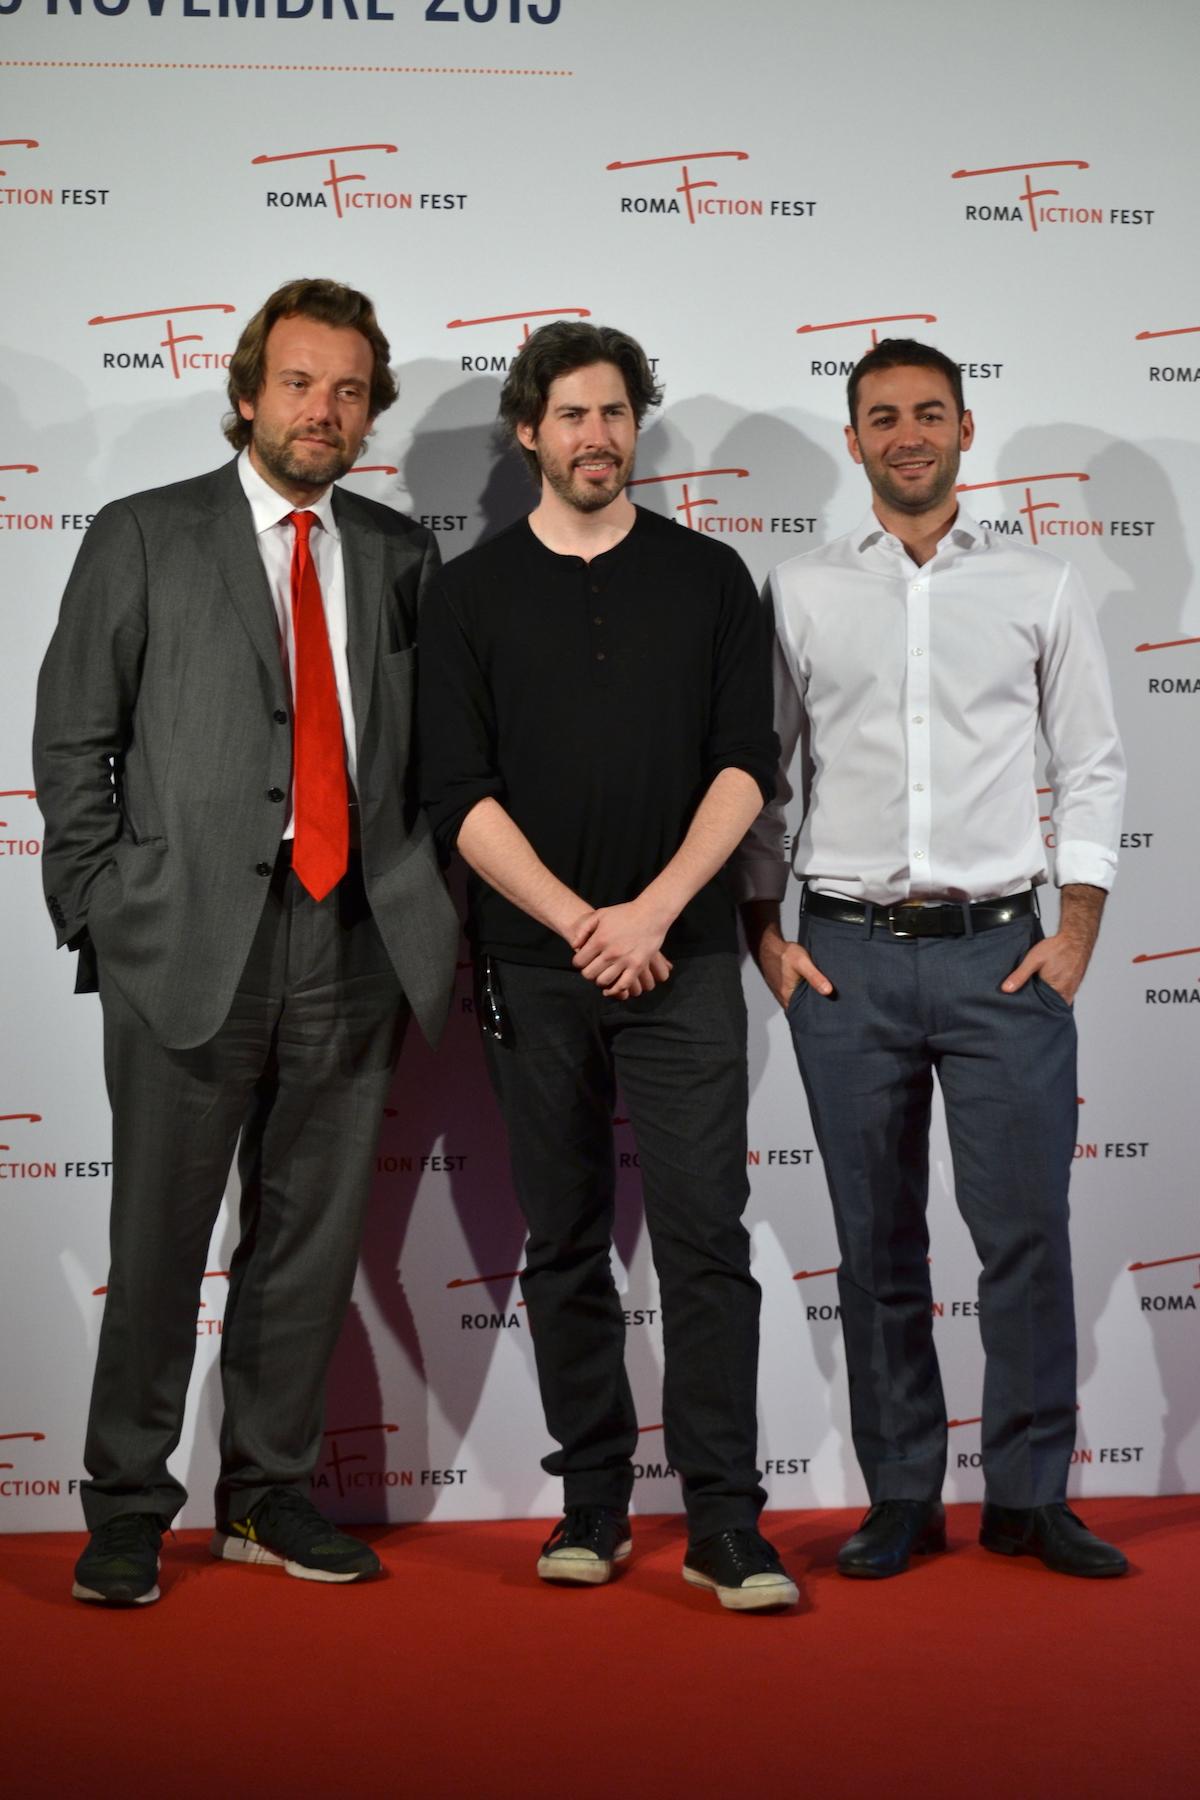 Roma Fiction Fest 2015: Marco Spagnoli, Zander Lehman e Jason Reitman al photocall prima della Masterclass & Excellence Award